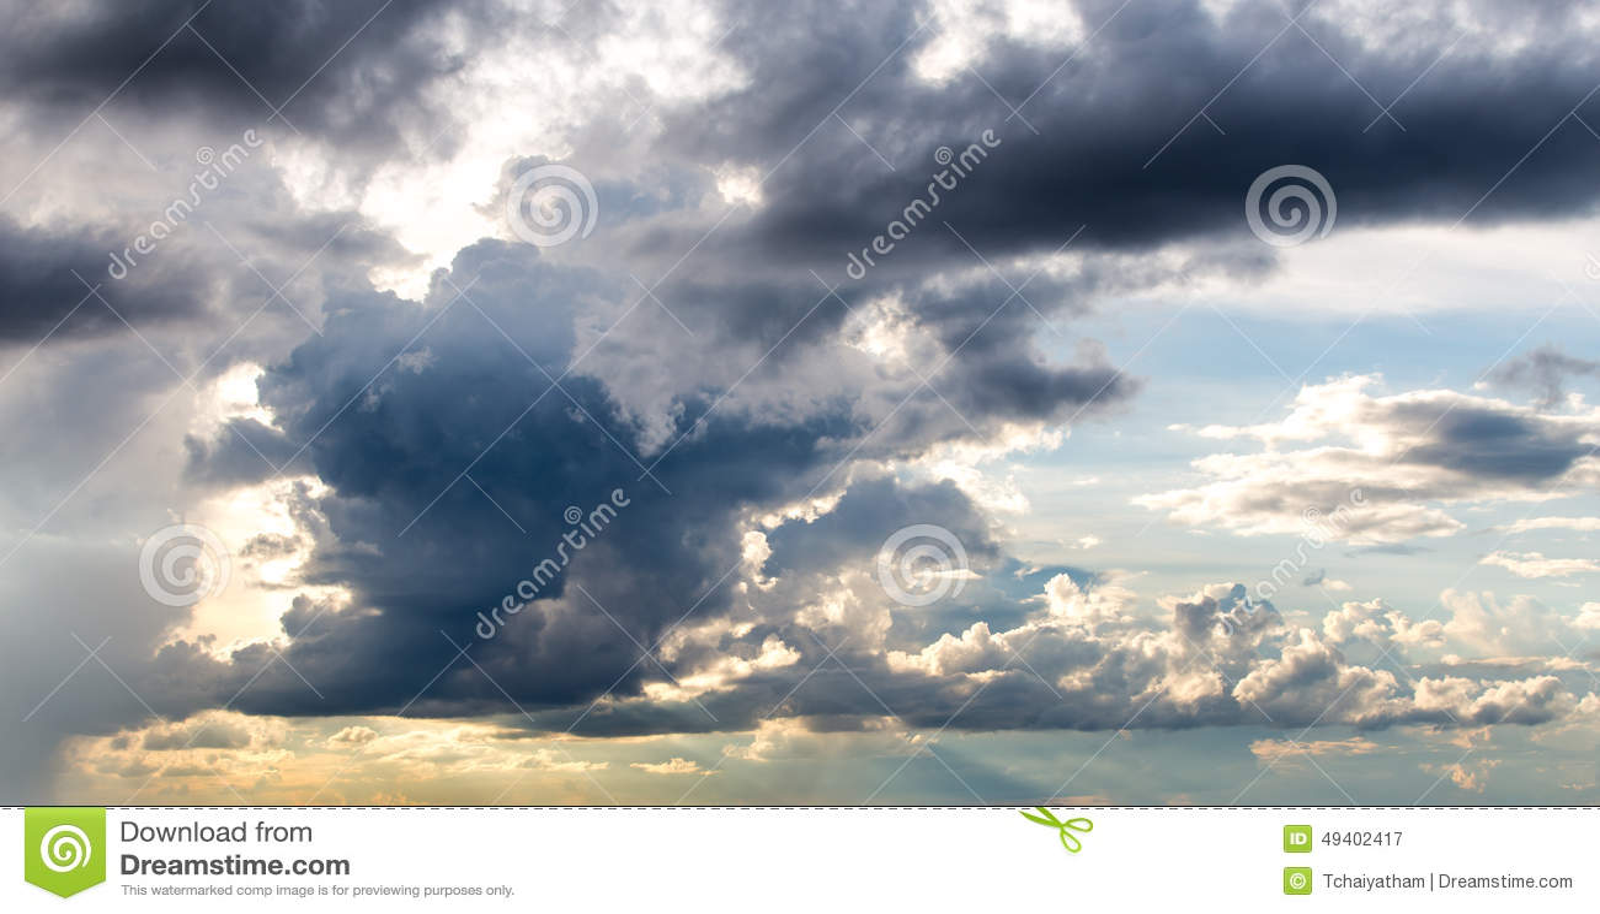 Download Dunkelgrauer Drastischer Himmel Stockbild - Bild von klima, hintergrund: 49402417